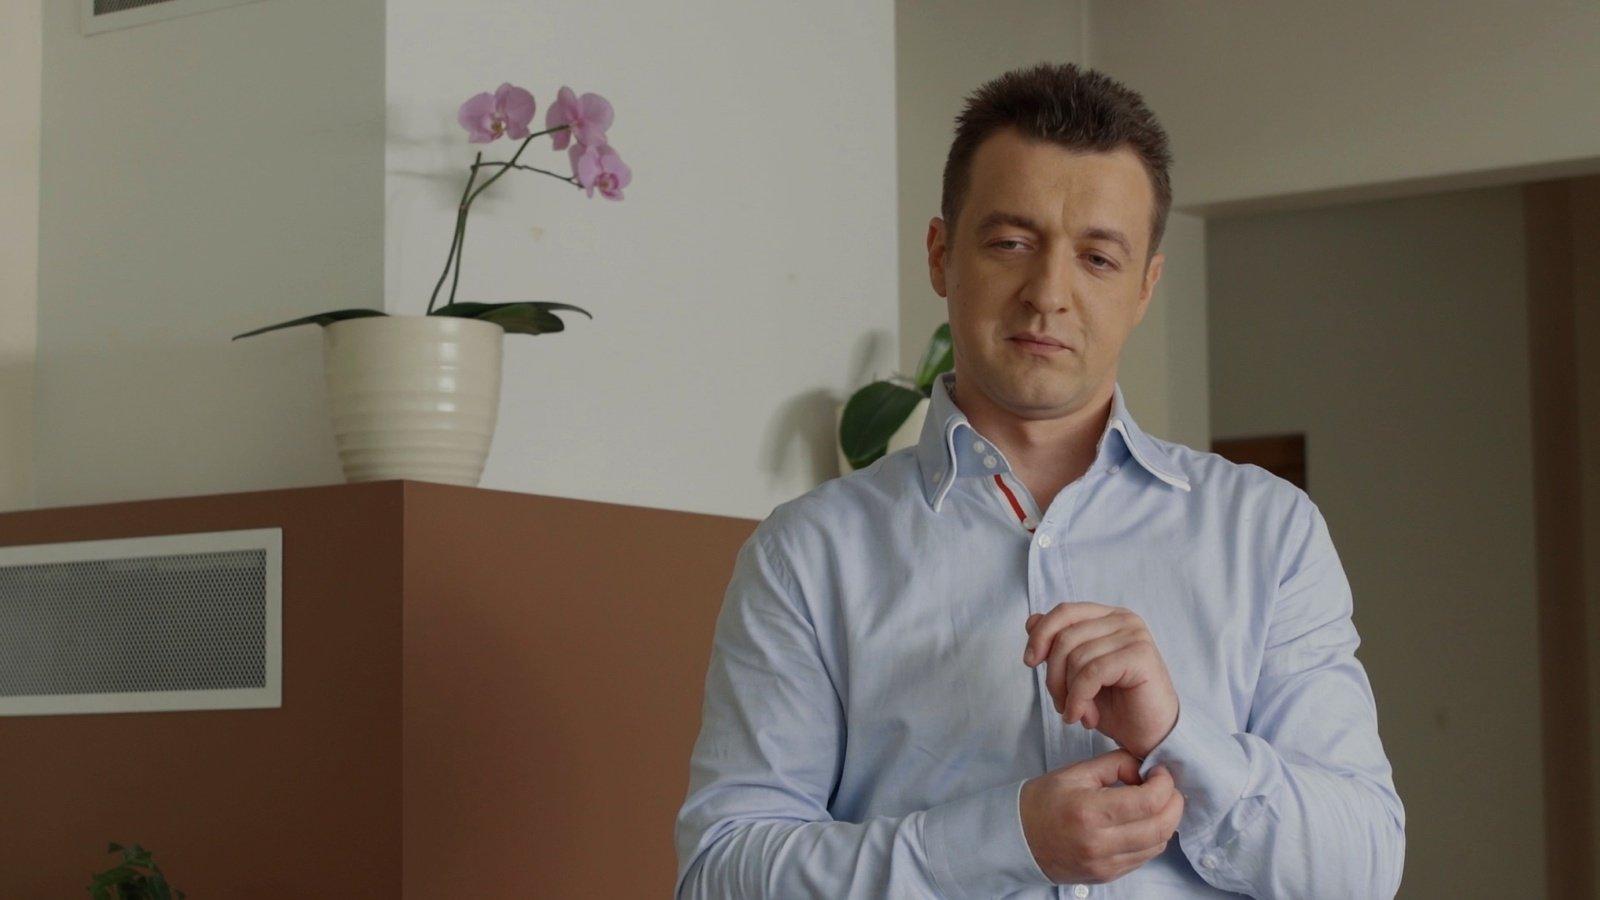 Aktorius Josif Baliukevič ryžosi išskirtiniam interviu: tu niekada nežinai, kada viskas baigsis